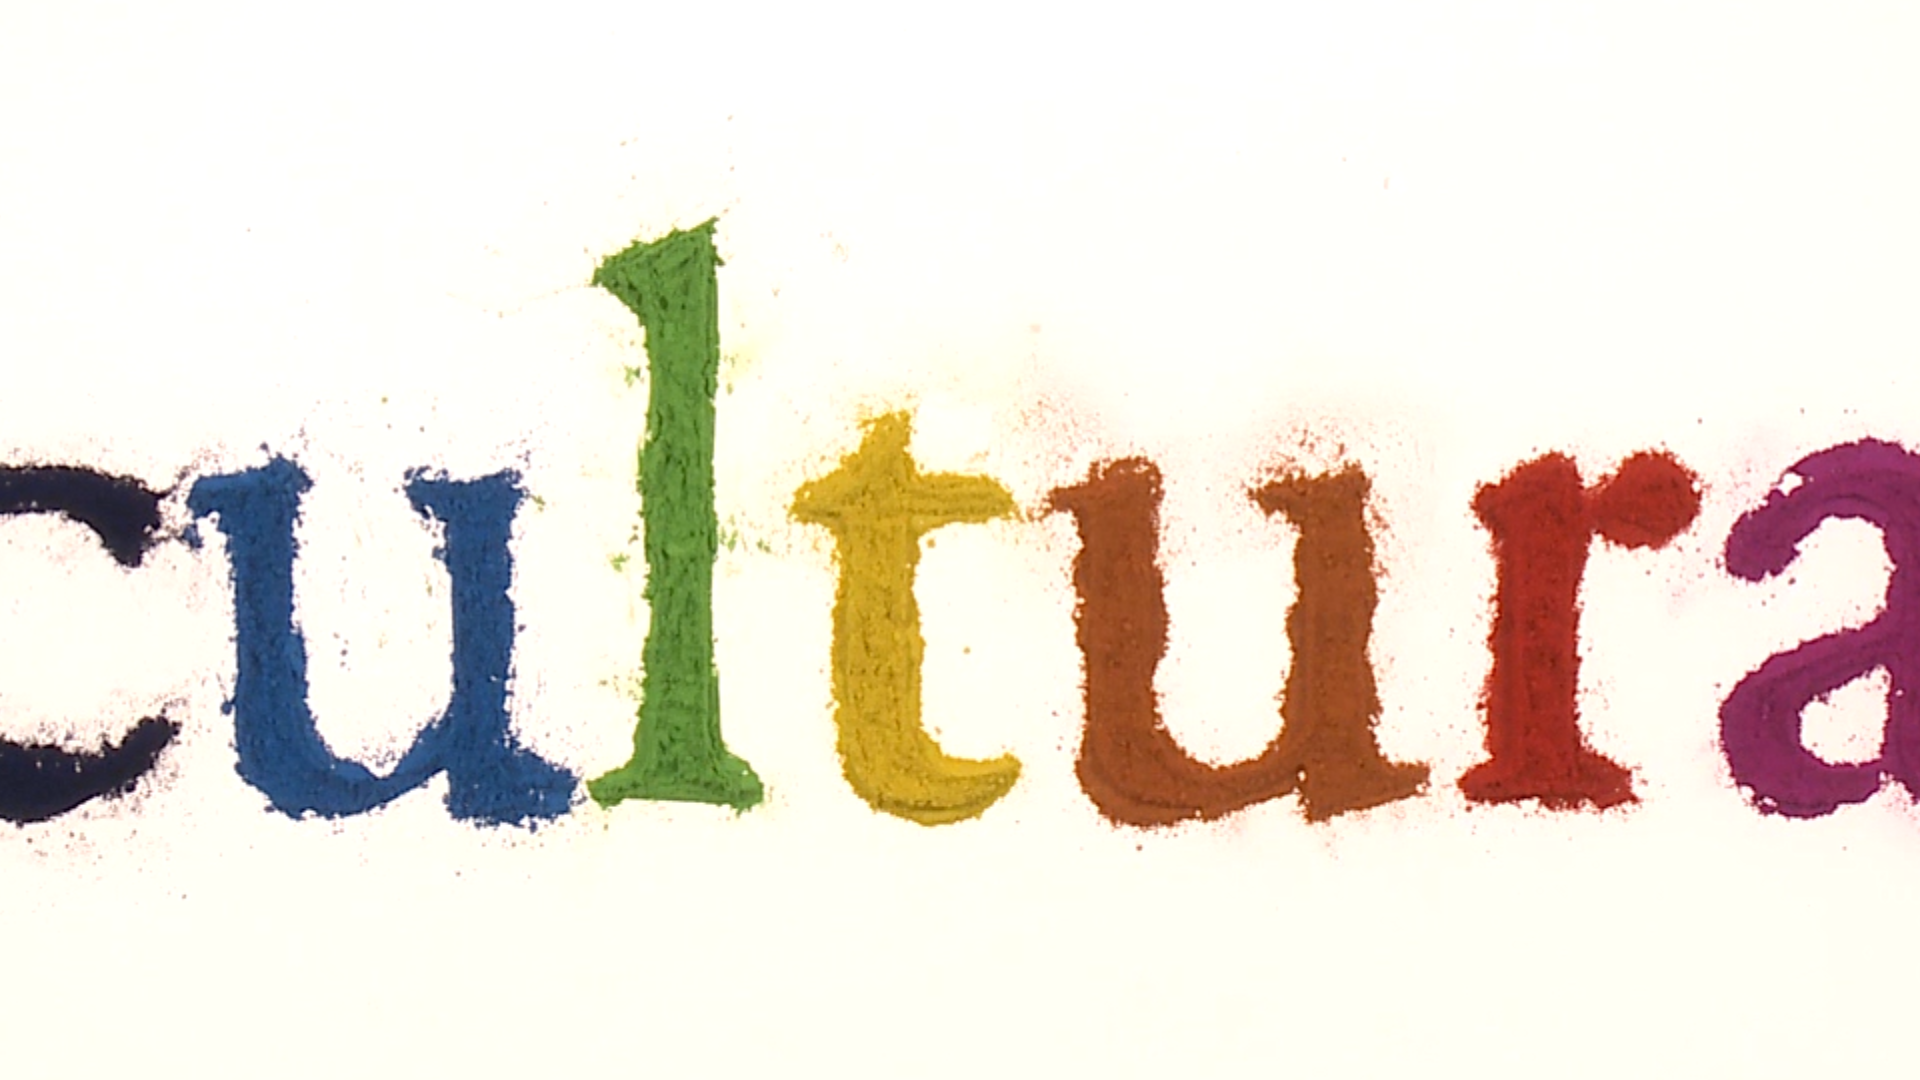 CNA realizzazione video progetto cultura